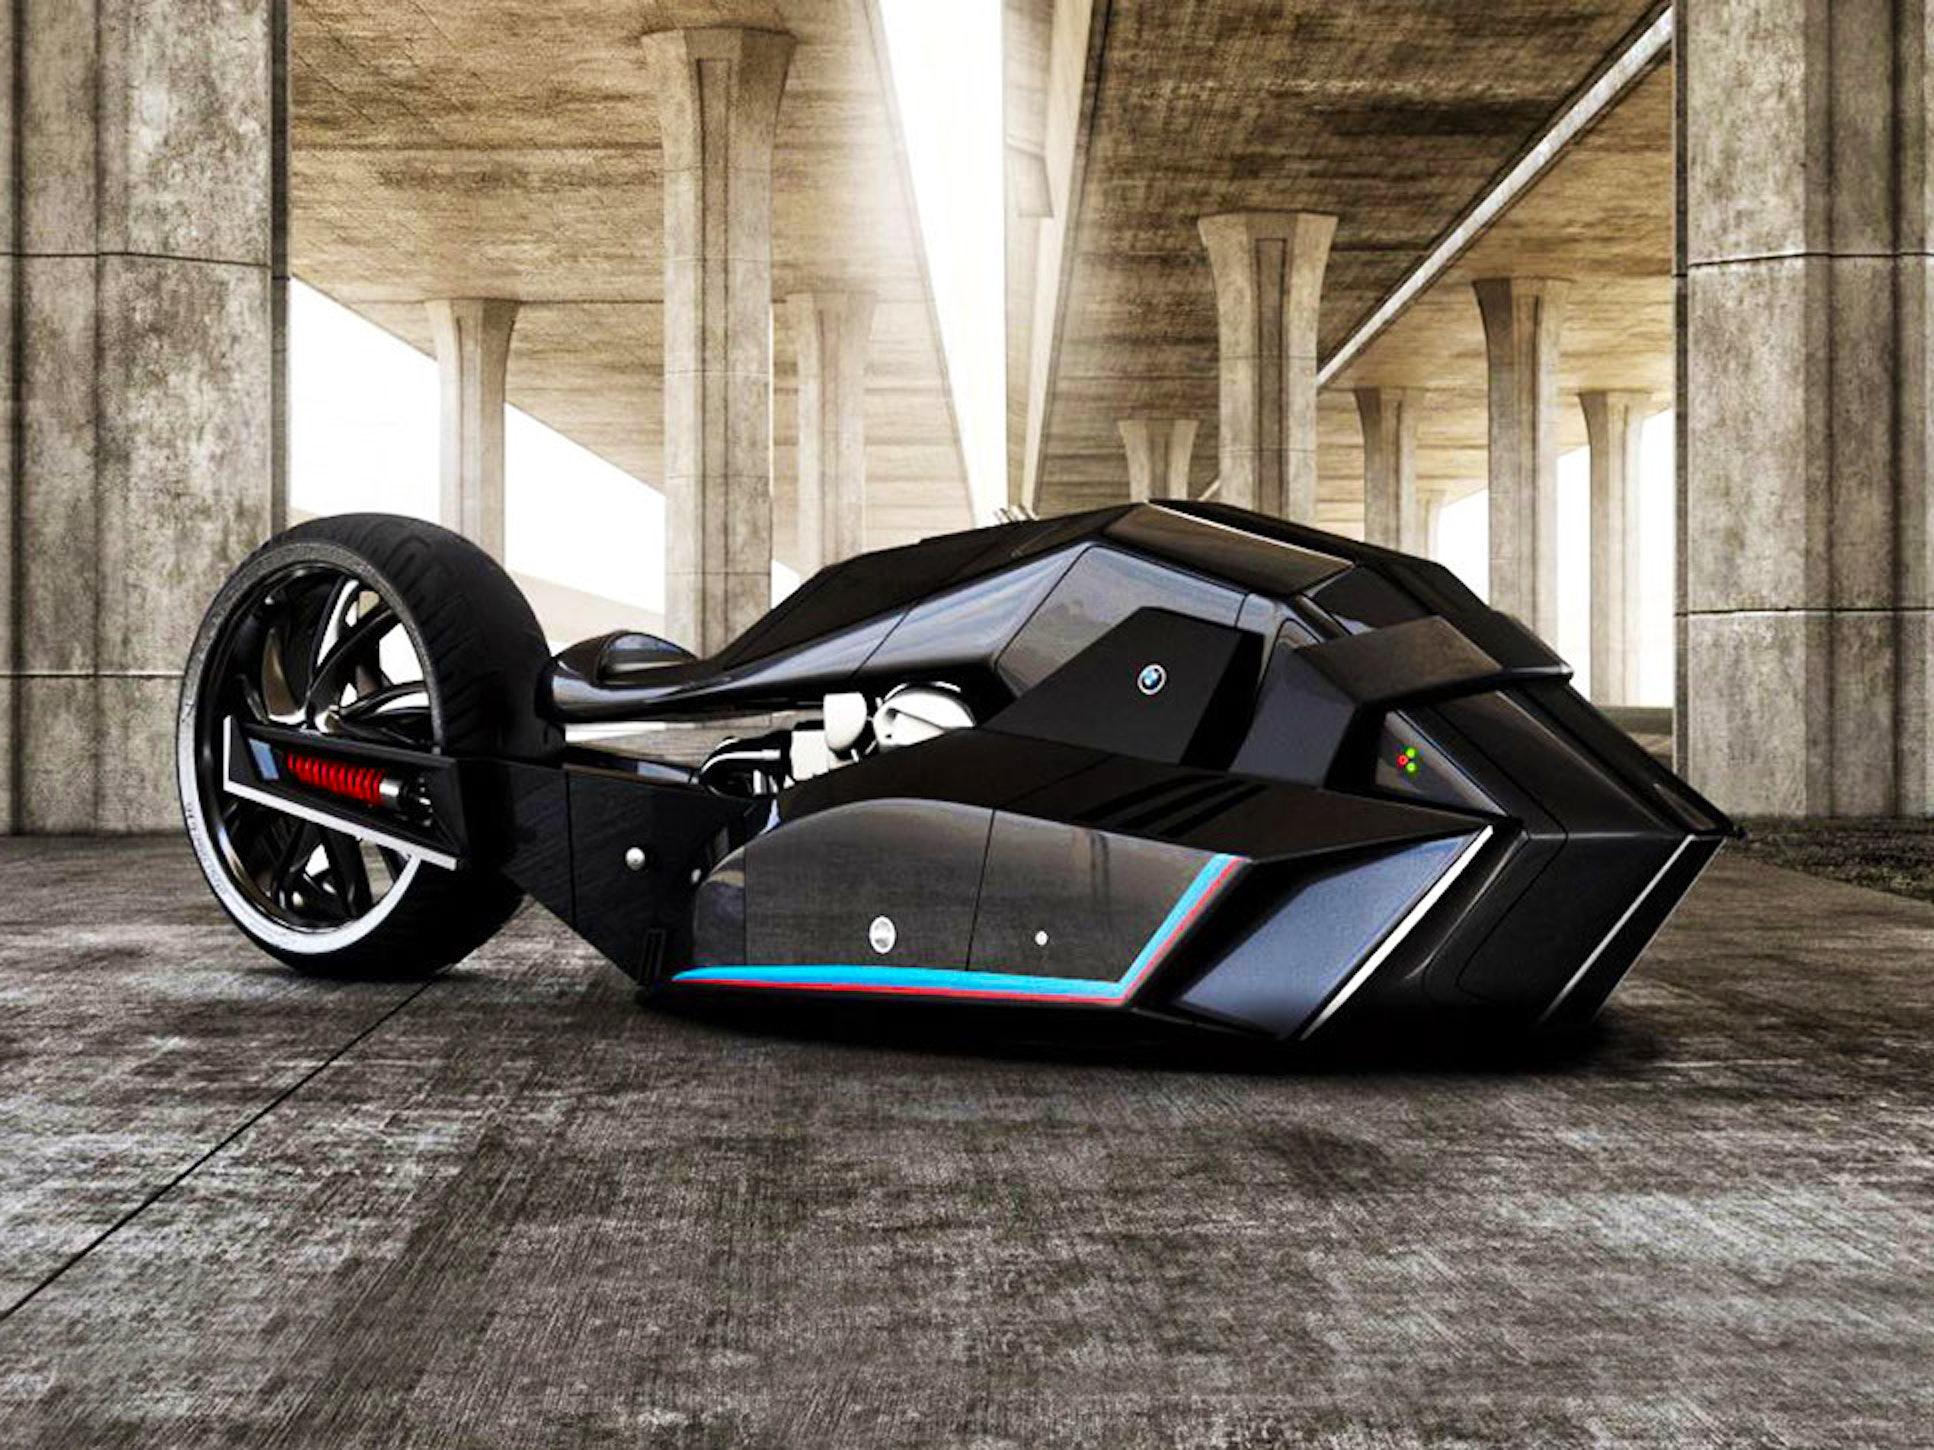 BMW's New Motorcycle Concept Is Half Shark, Half Batmobile